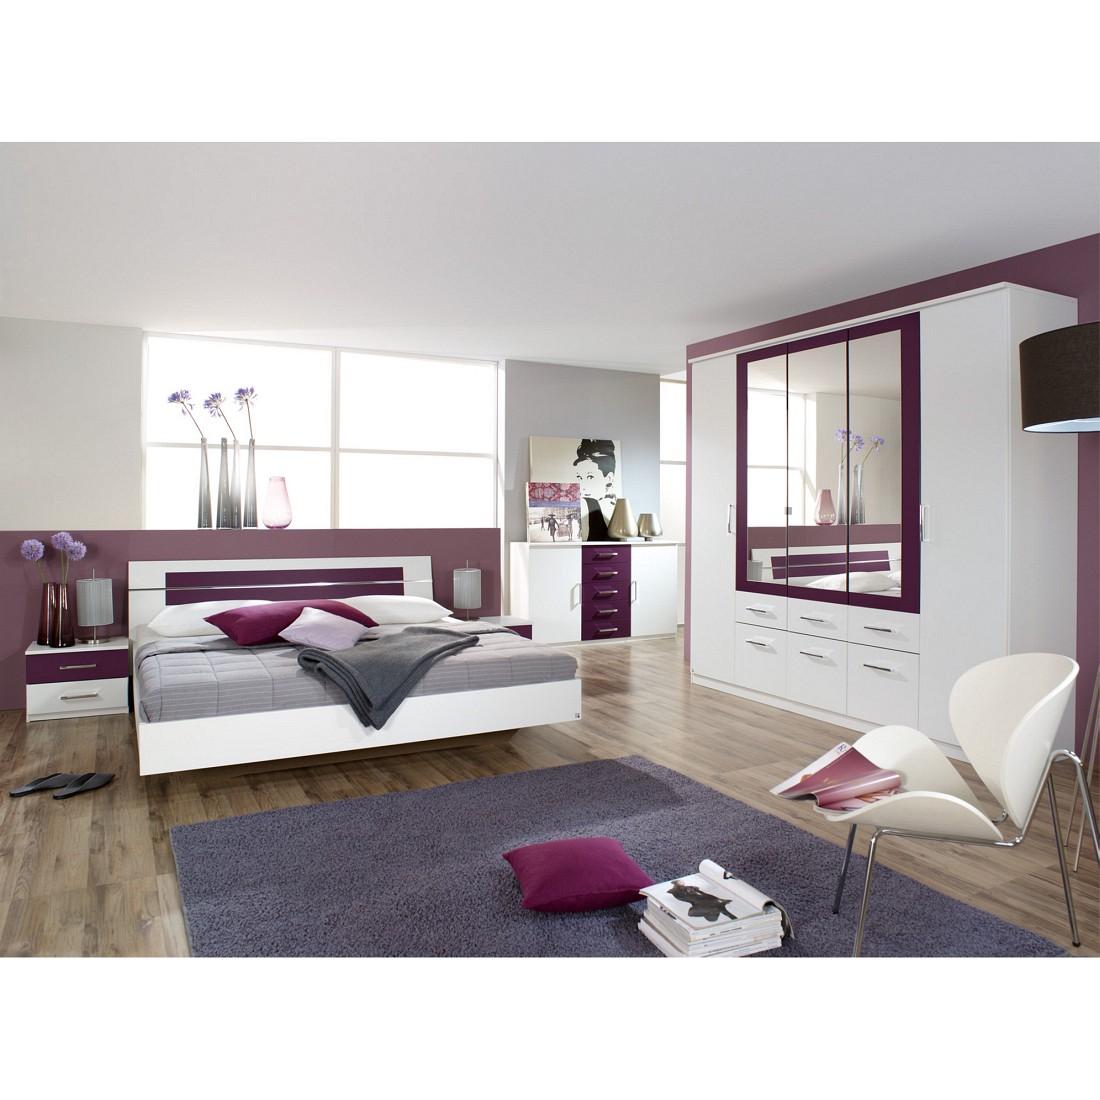 Ensemble de chambre à coucher Burano (4 éléments) Blanc alpin / Mûre - Avec lit 160 x 200 cm, Rauch